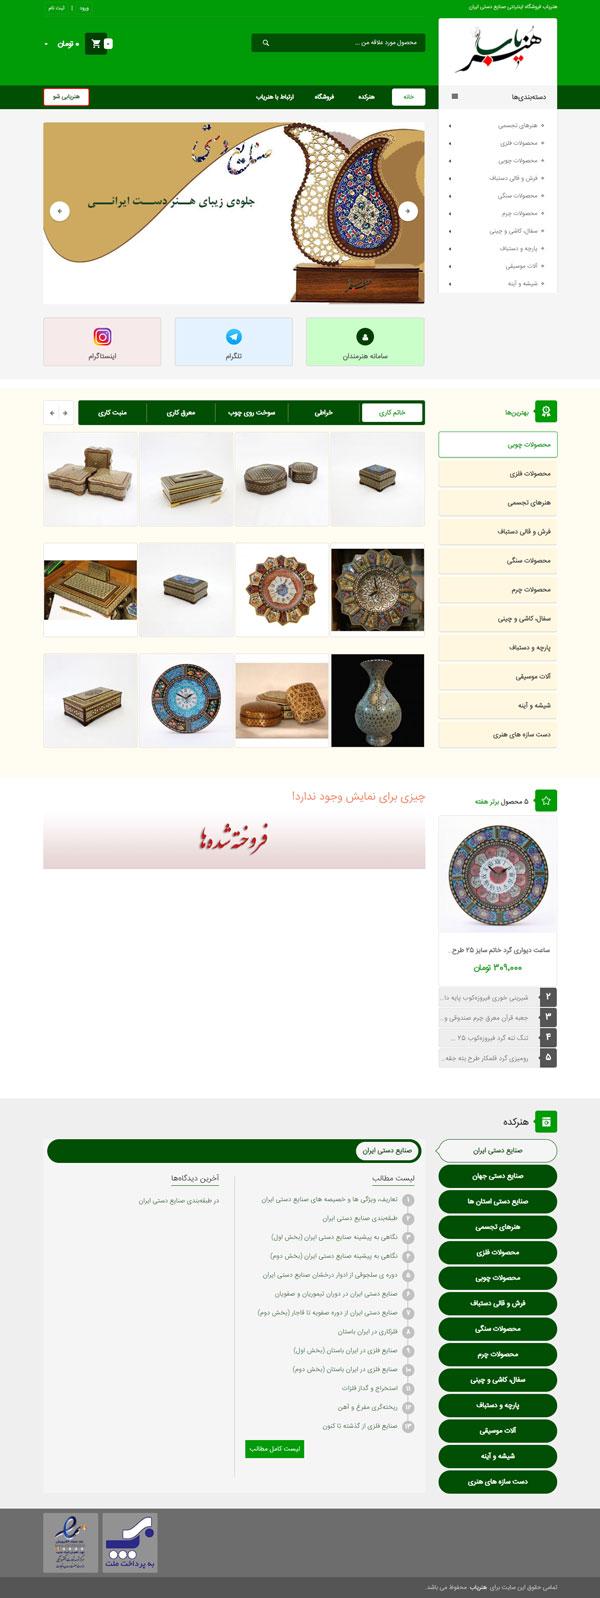 طراحی سایت هنریاب | فروشگاه آنلاین صنایع دستی